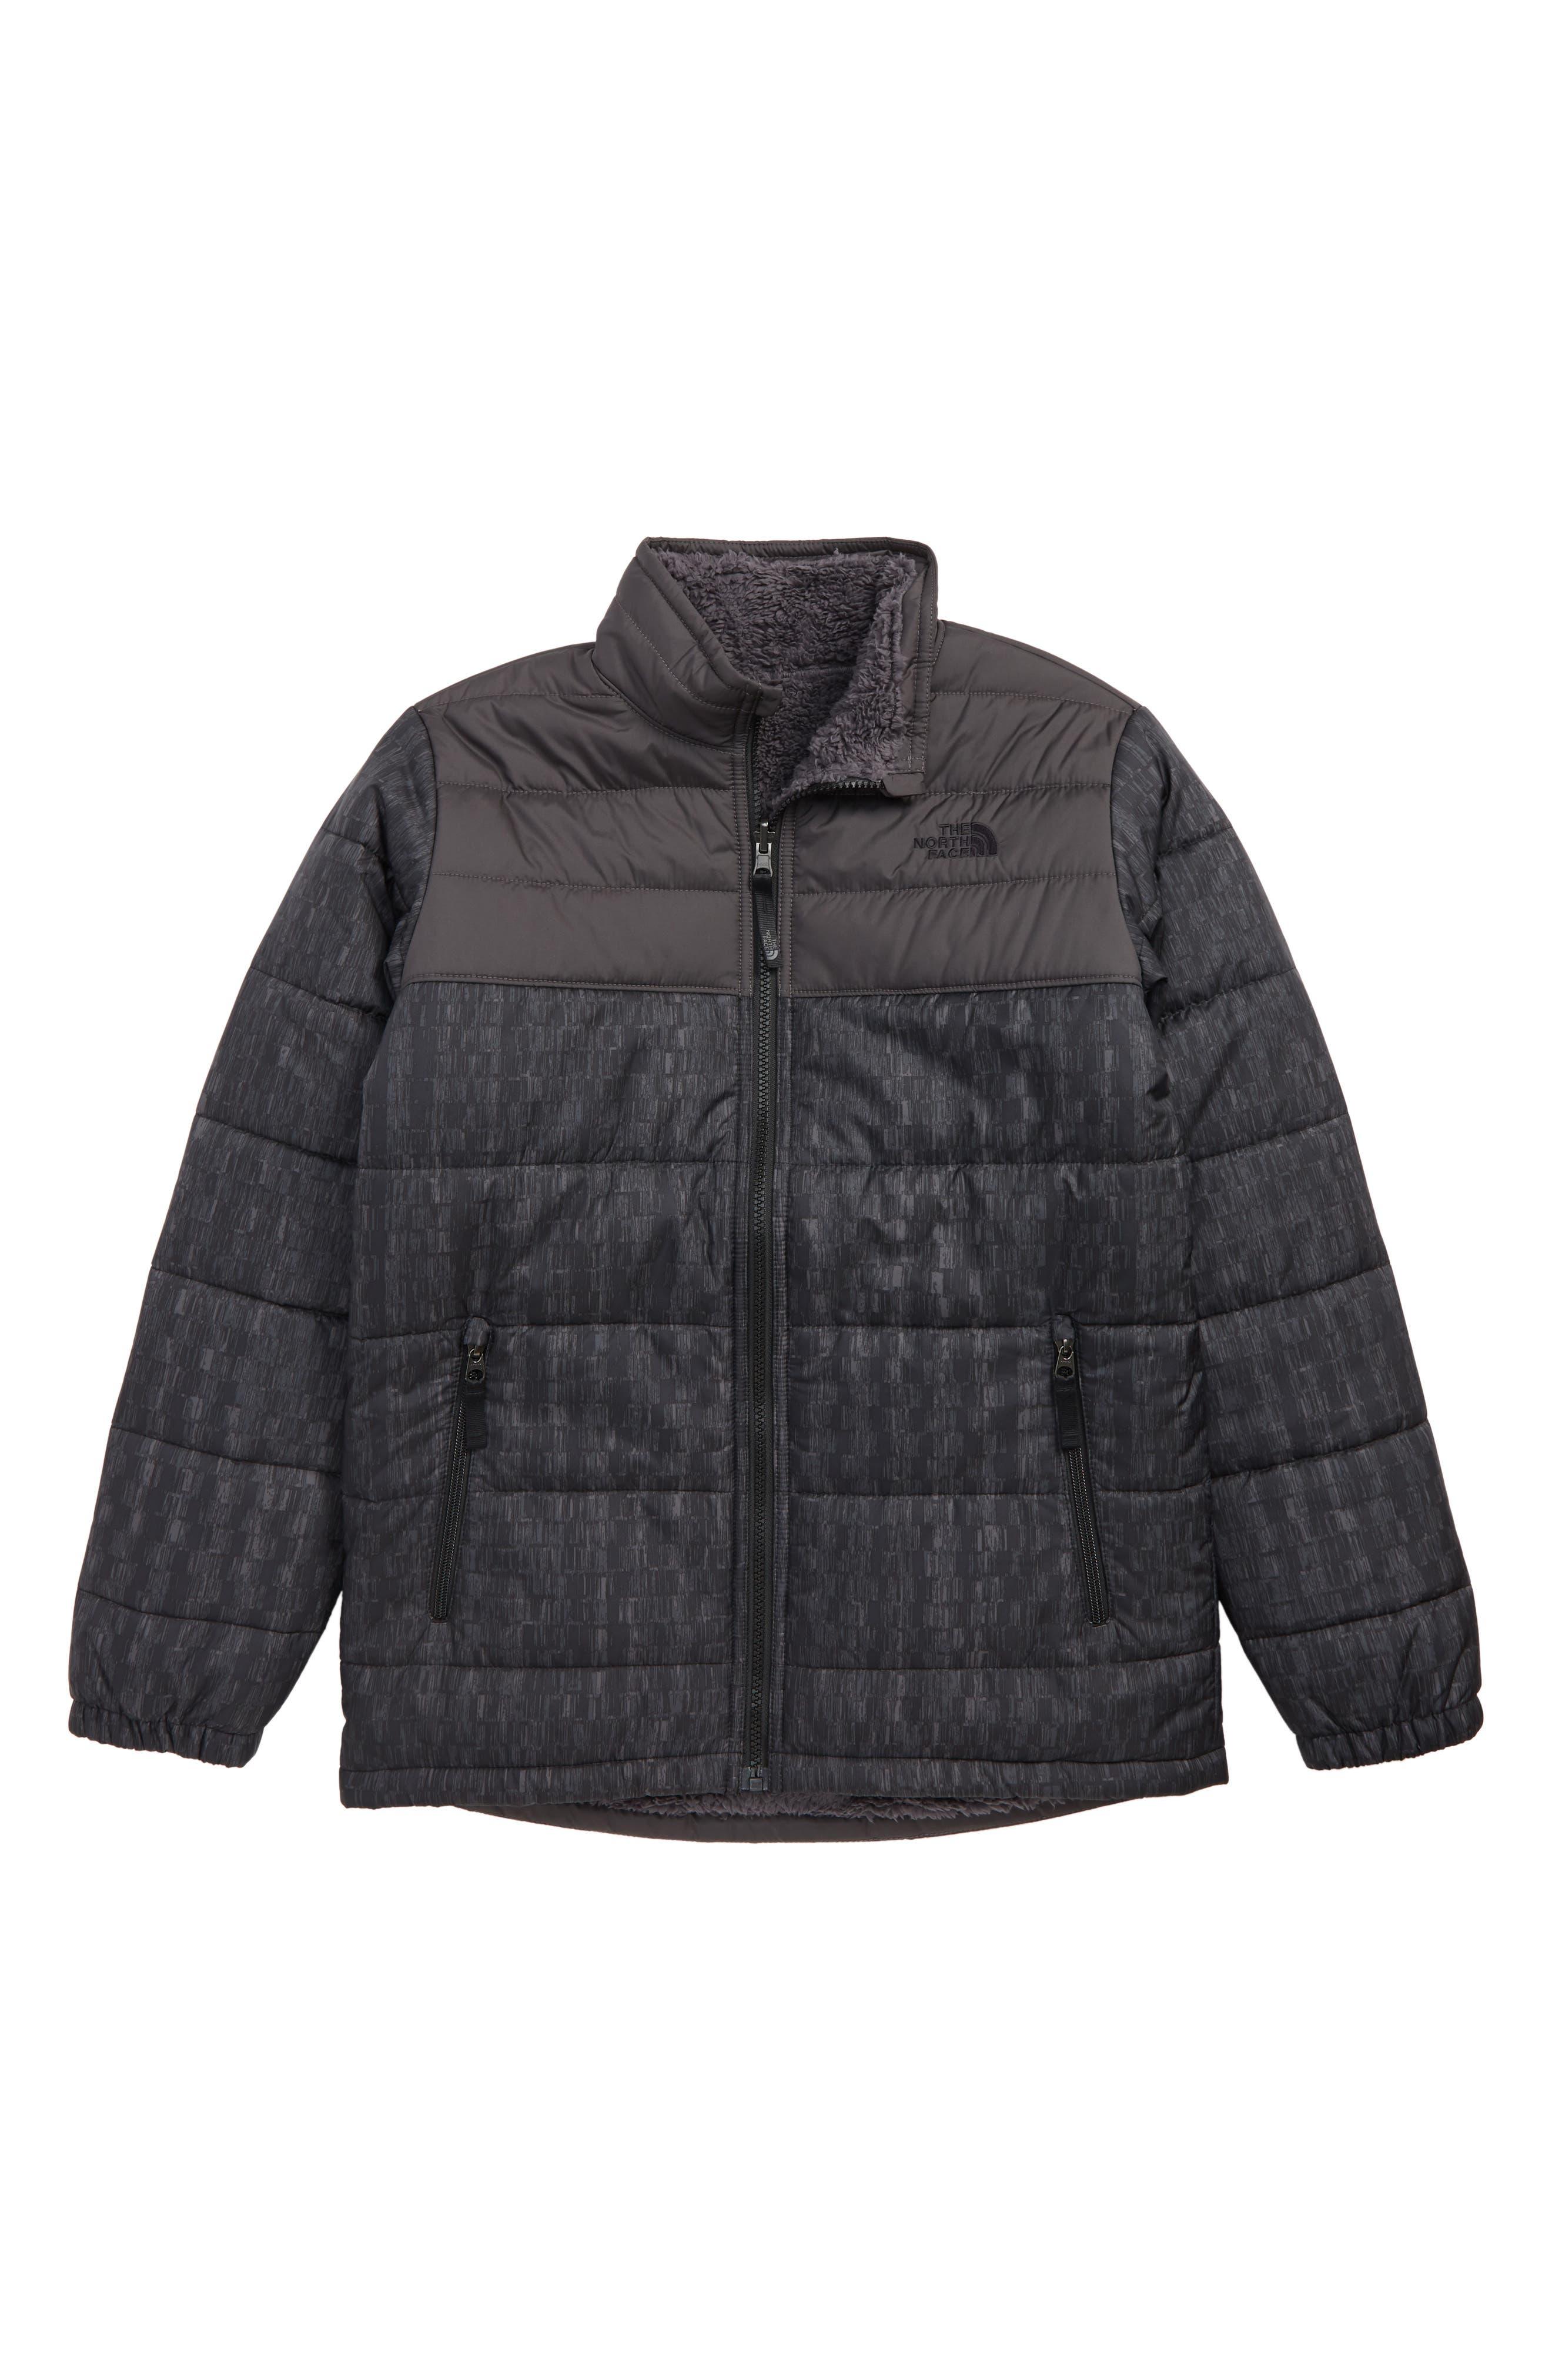 Mount Chimborazo Reversible Jacket,                             Main thumbnail 1, color,                             TNF BLACK CHECKER PRINT